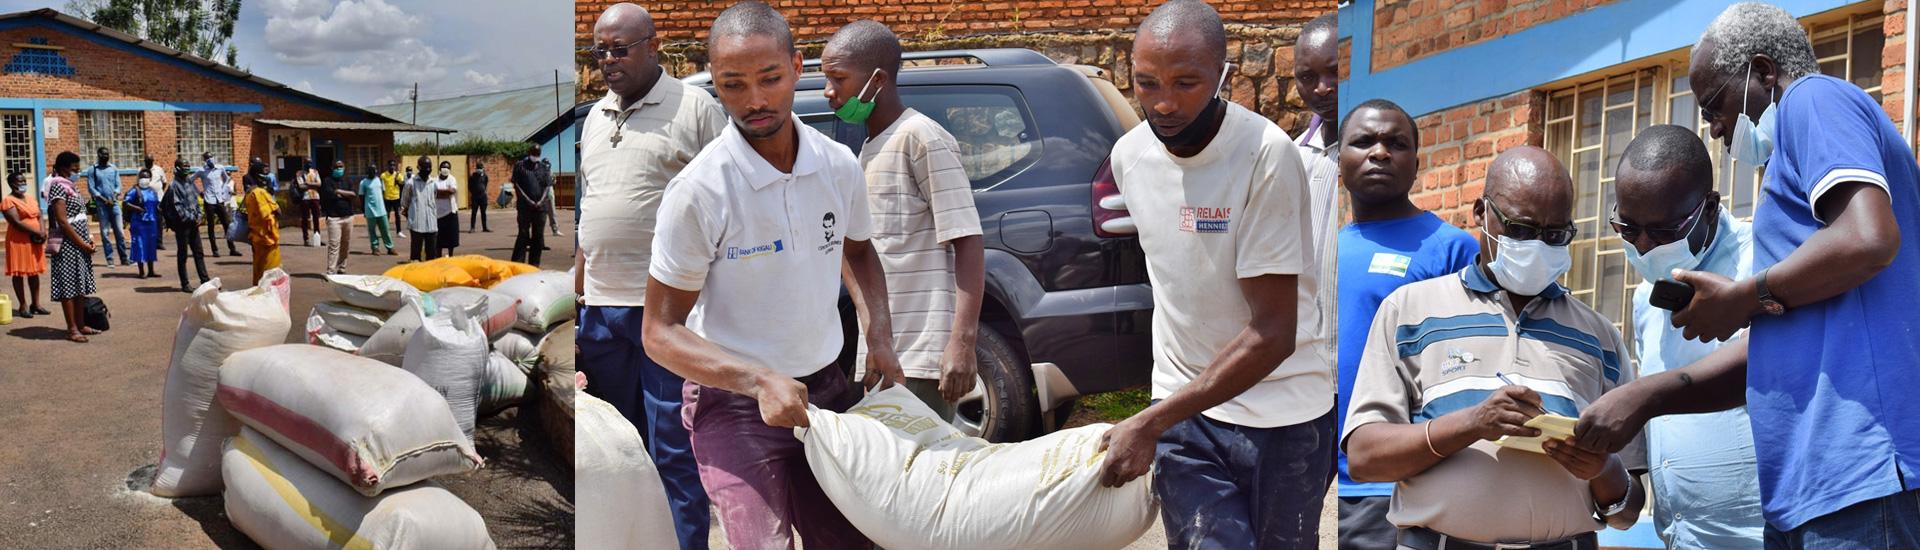 Asistencia a los profesores y a las familias de los centros salesianos de Ruanda durante la pandemia